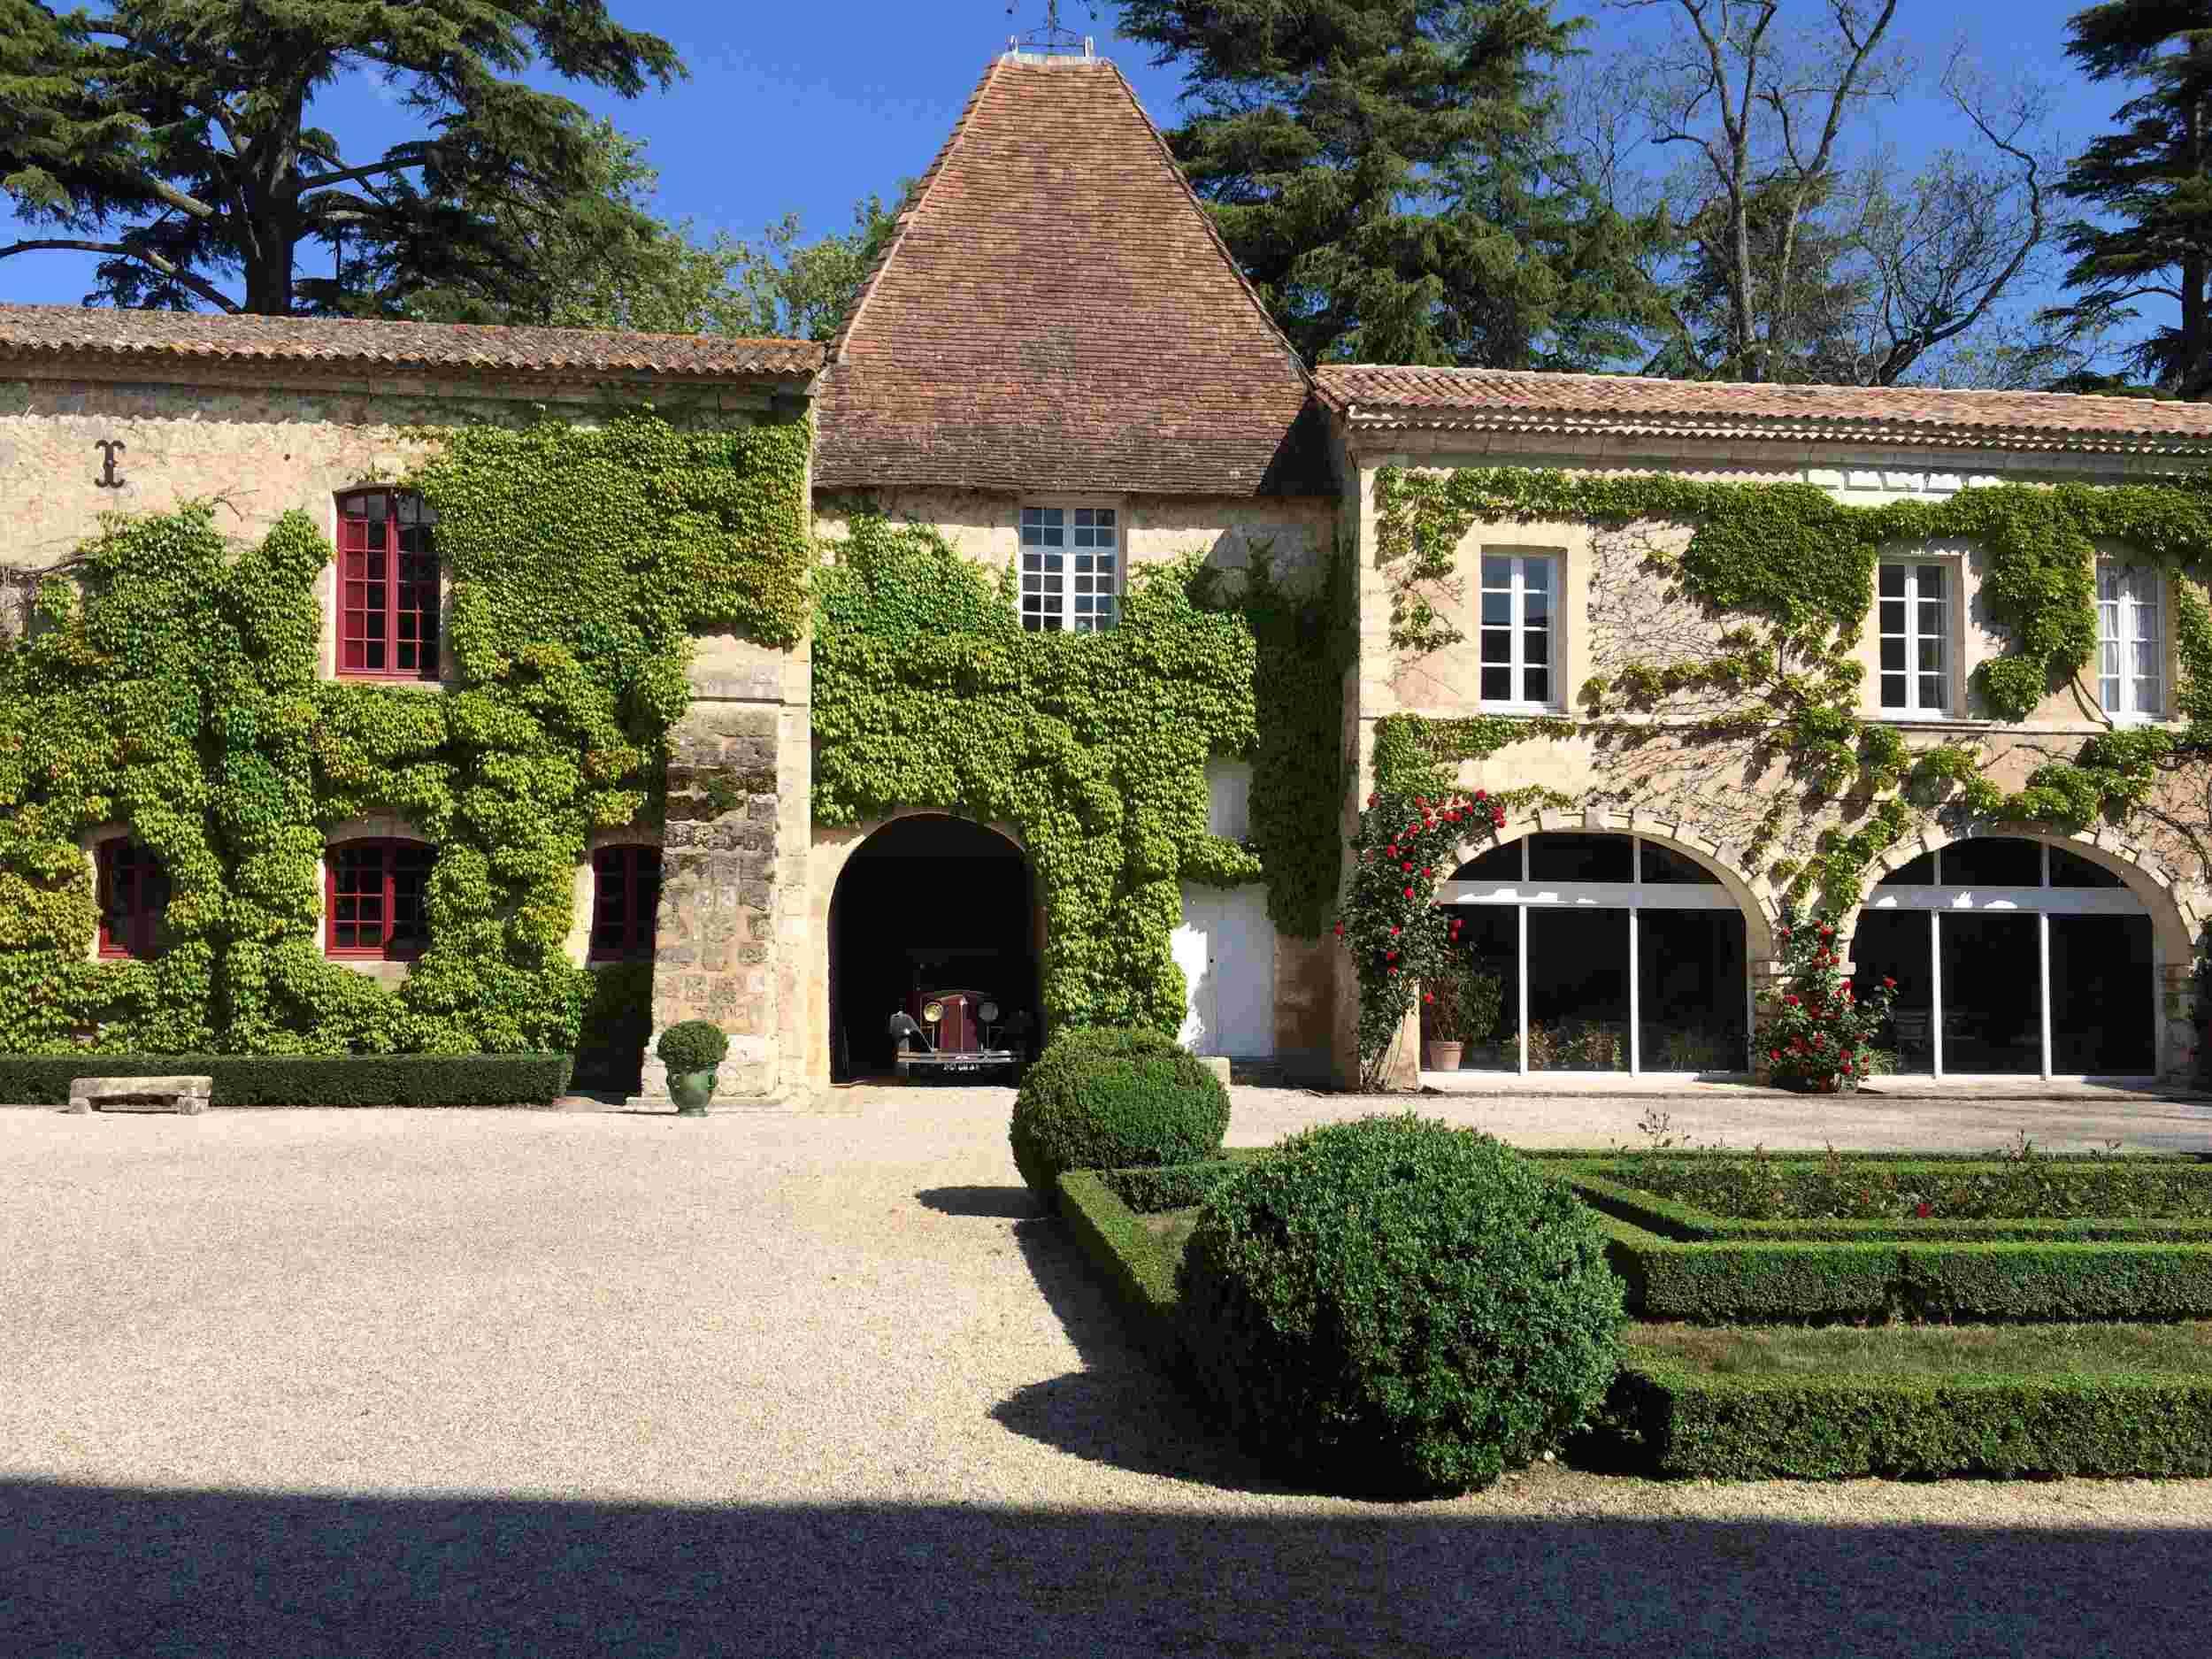 Le vignoble du Pessac Leognan - Page 15 Carbon40